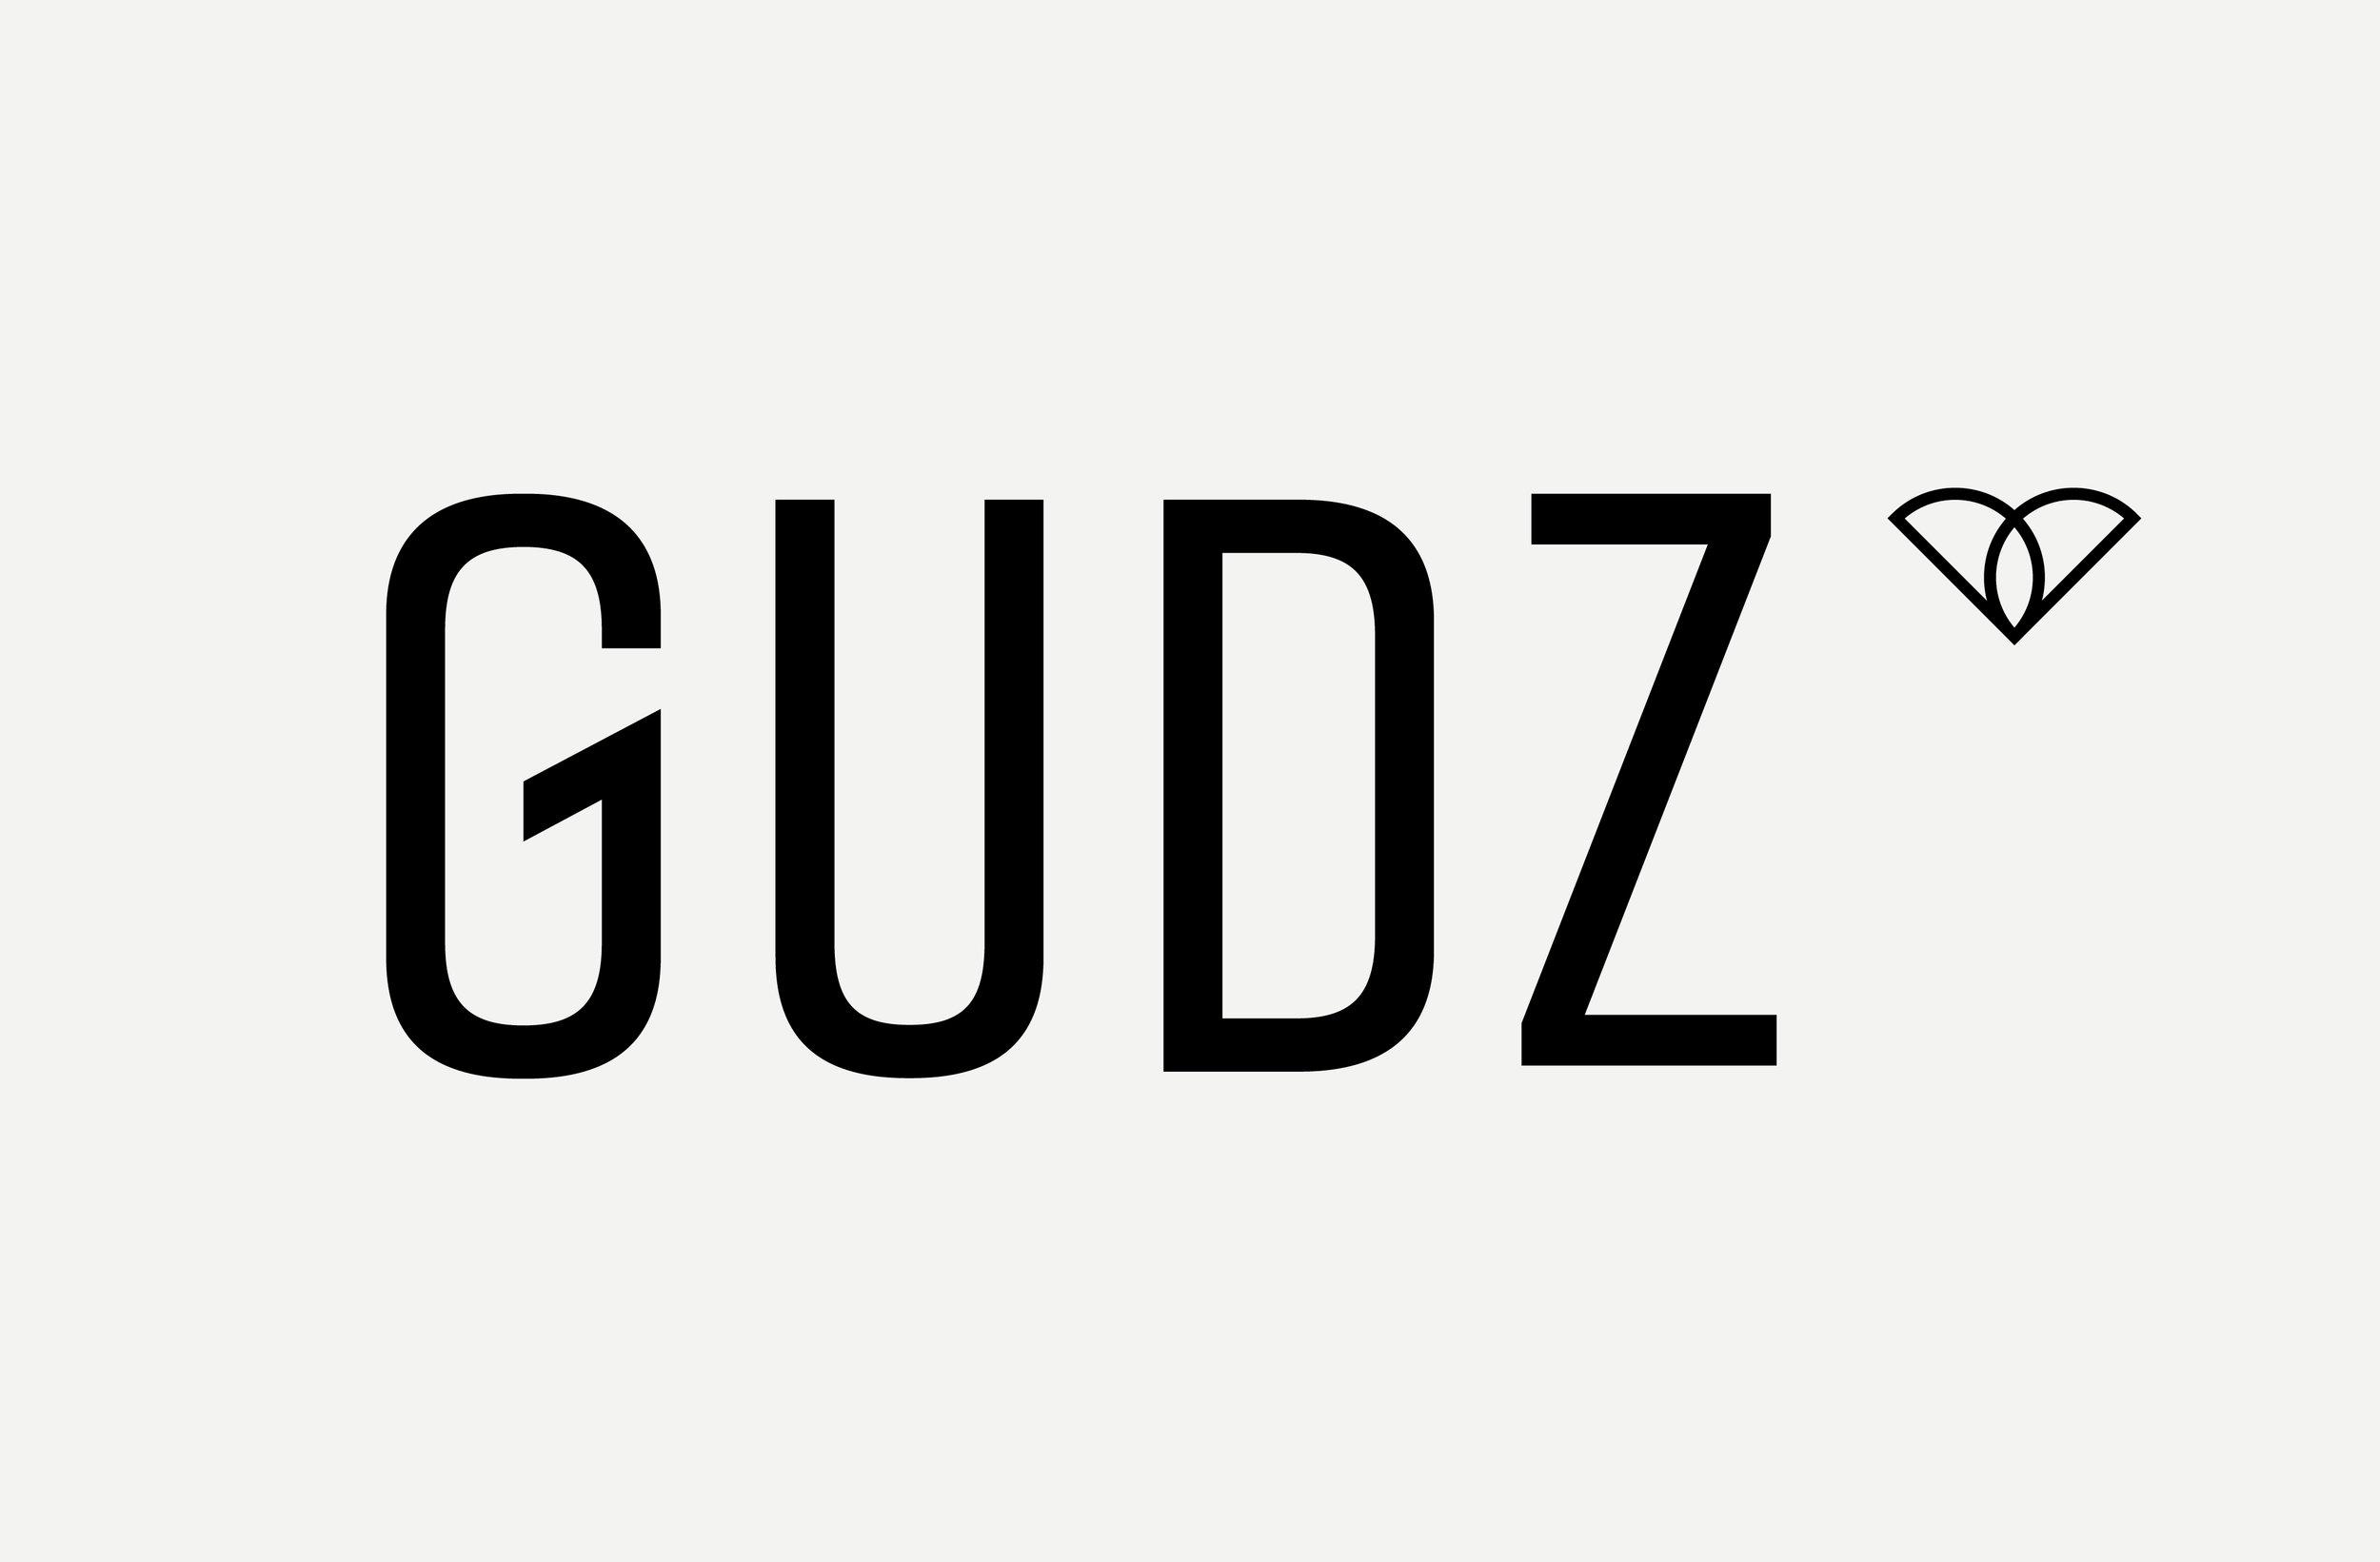 Logo_GUDZ_Zeichenfläche 1.jpg